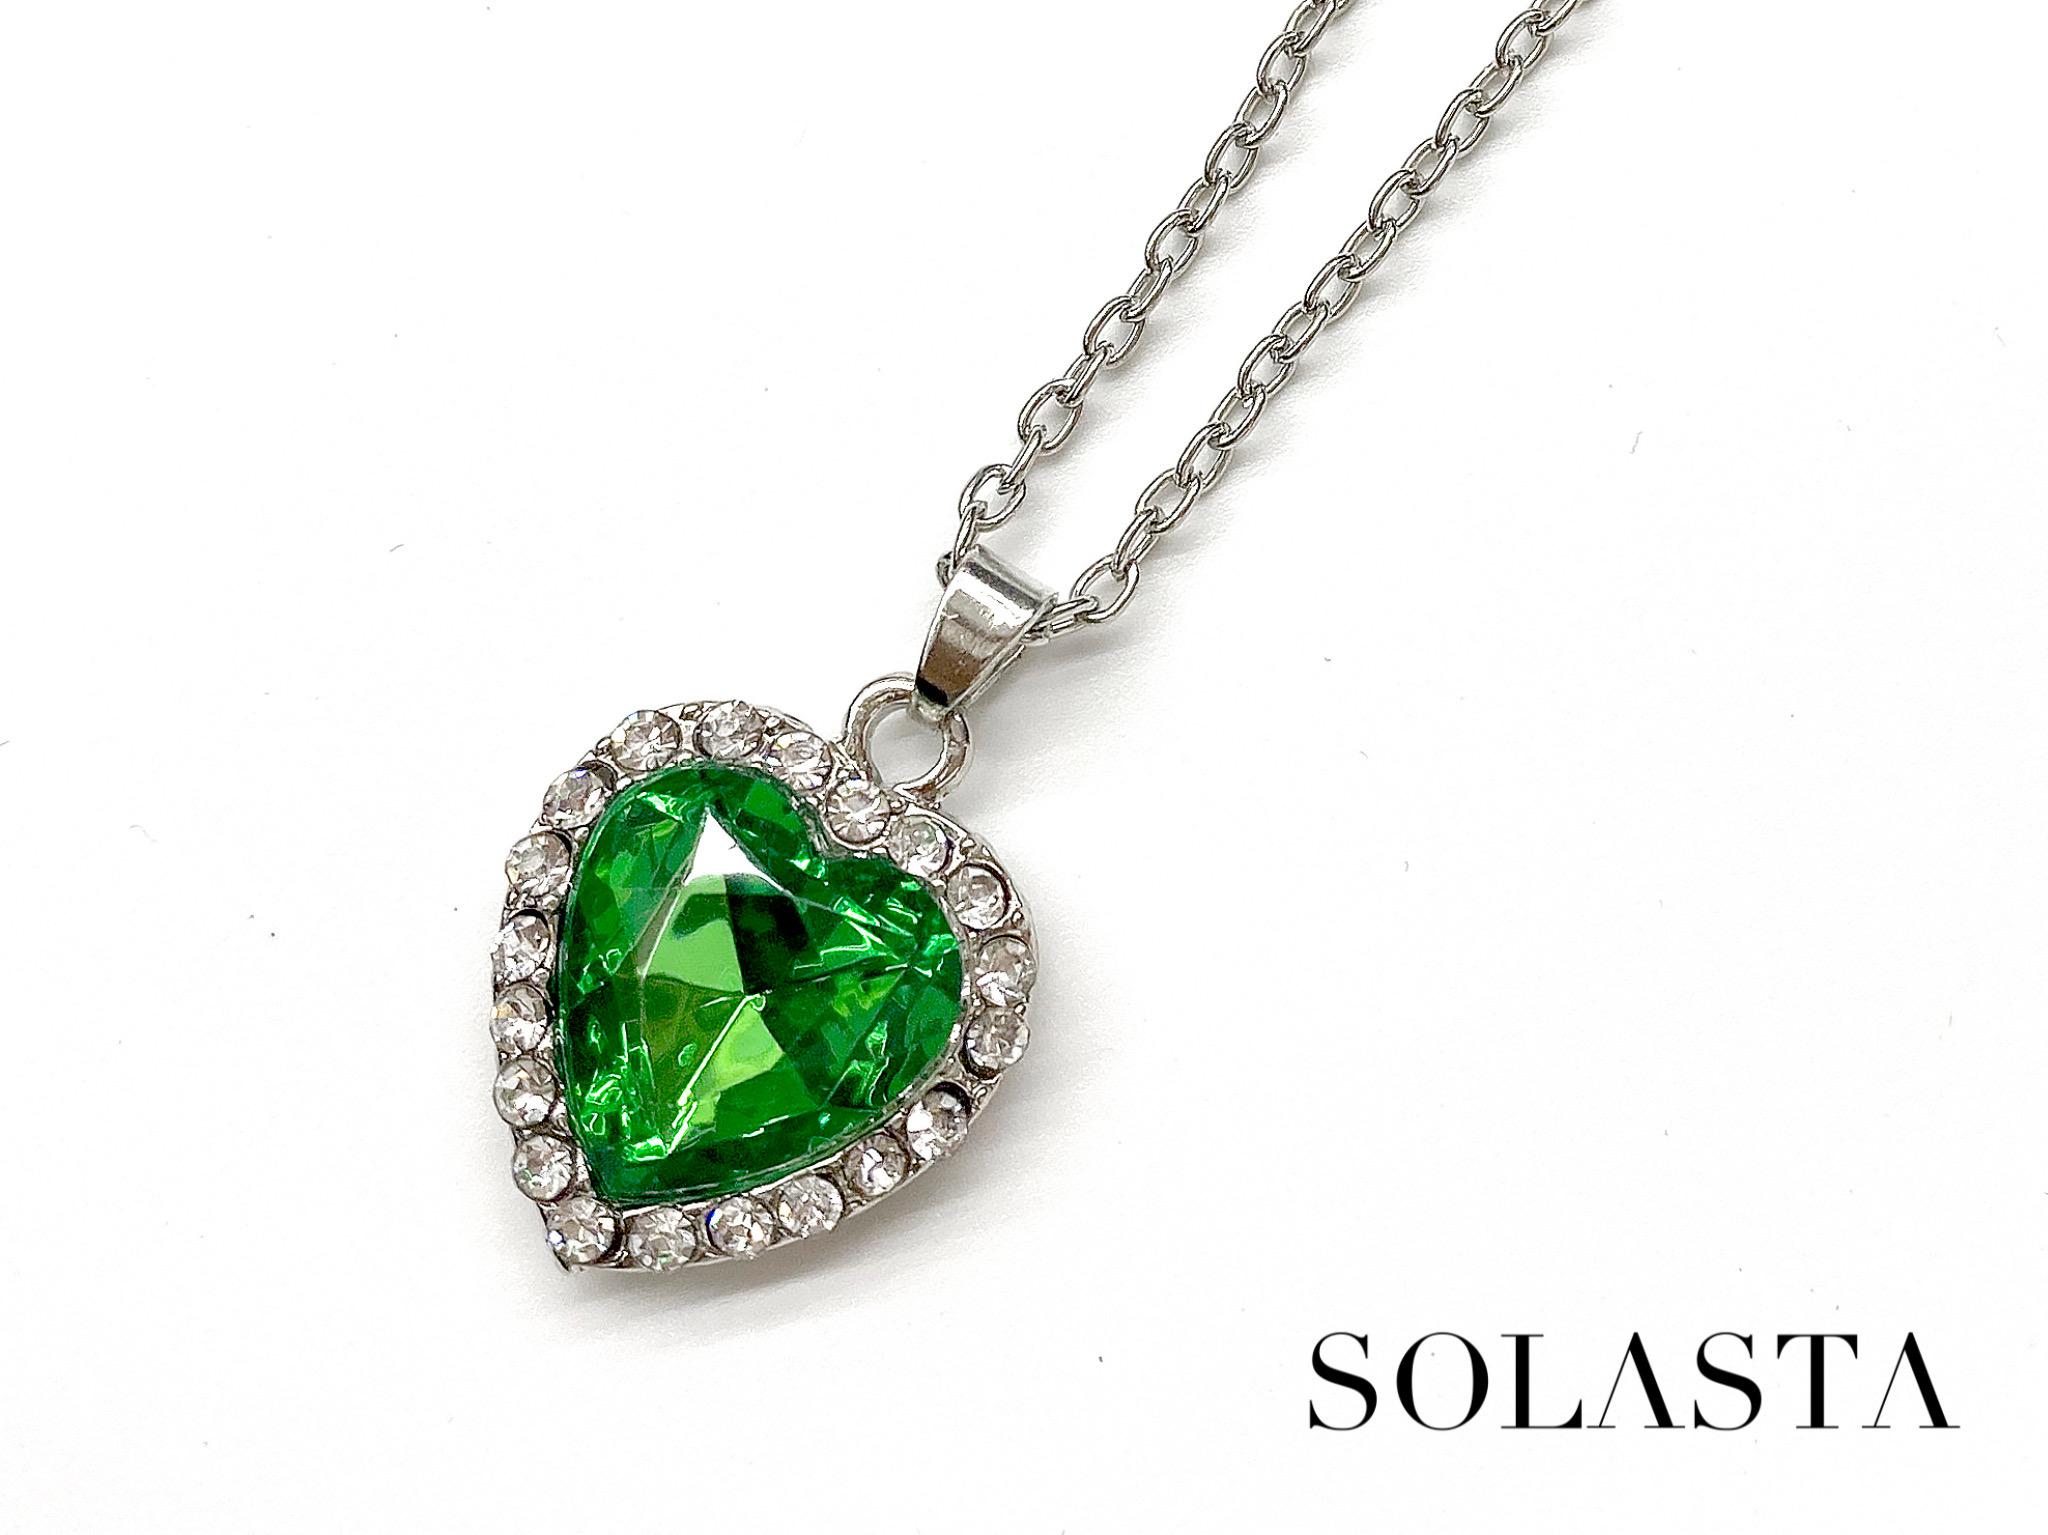 SOLASTA - OCEAN HEART